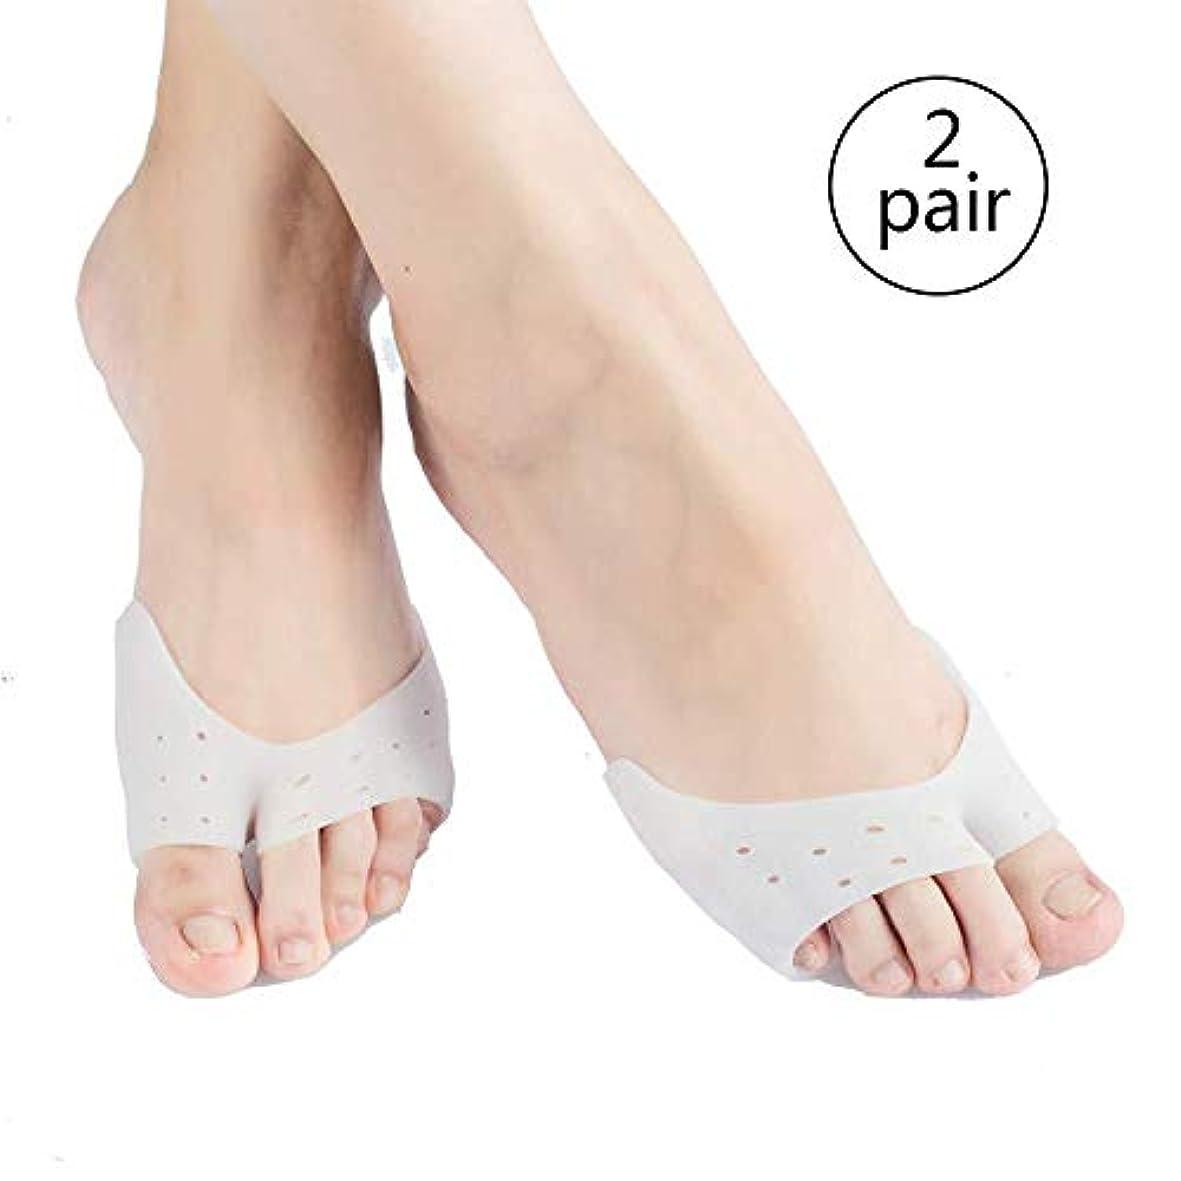 レルム結果としてつらい足のセパレーター、足の親指のアライナー、足の親指の矯正、ナイトバニオンの寛解、男性と女性の外反母hallの痛みの緩和